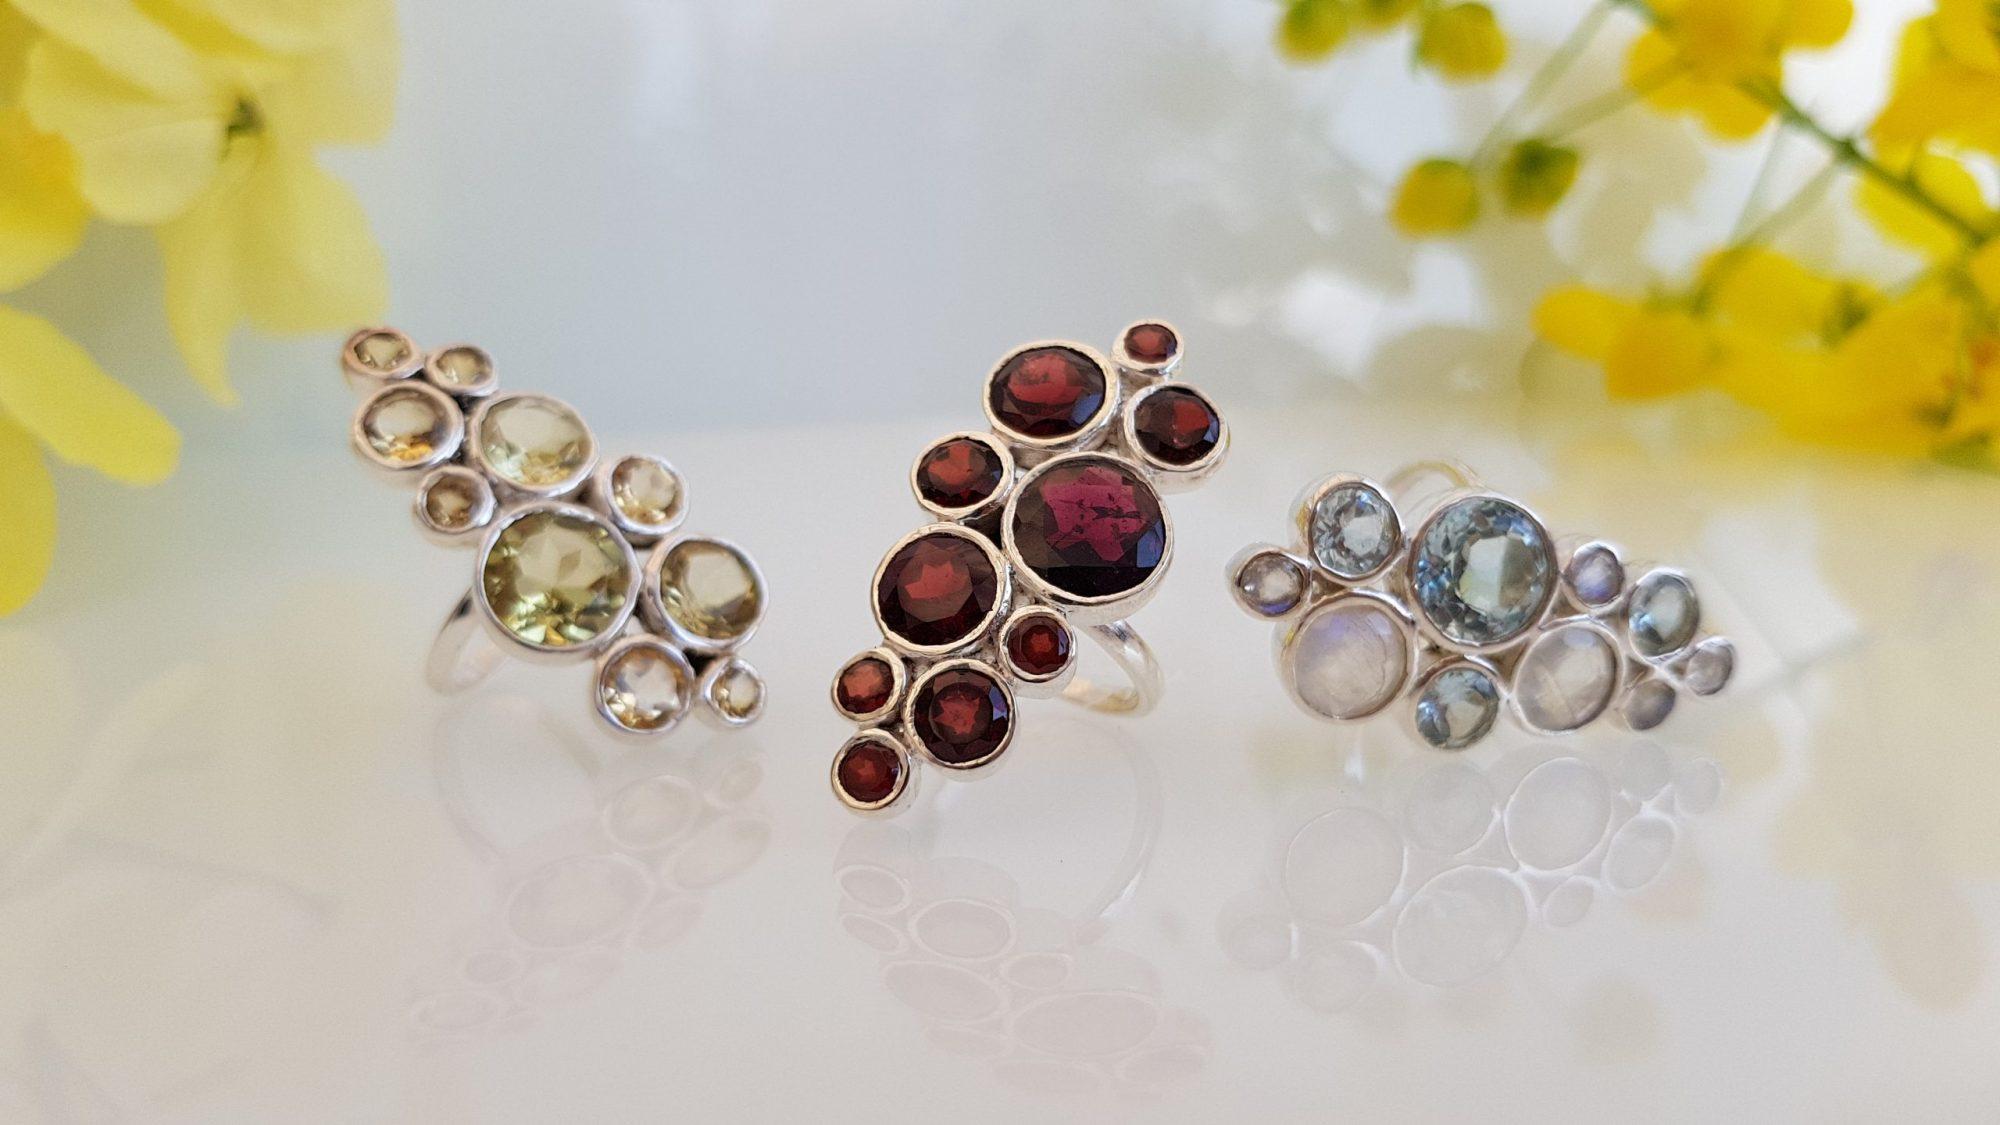 עיצוב וייצור תכשיטים - האהבה החדשה של בתיה